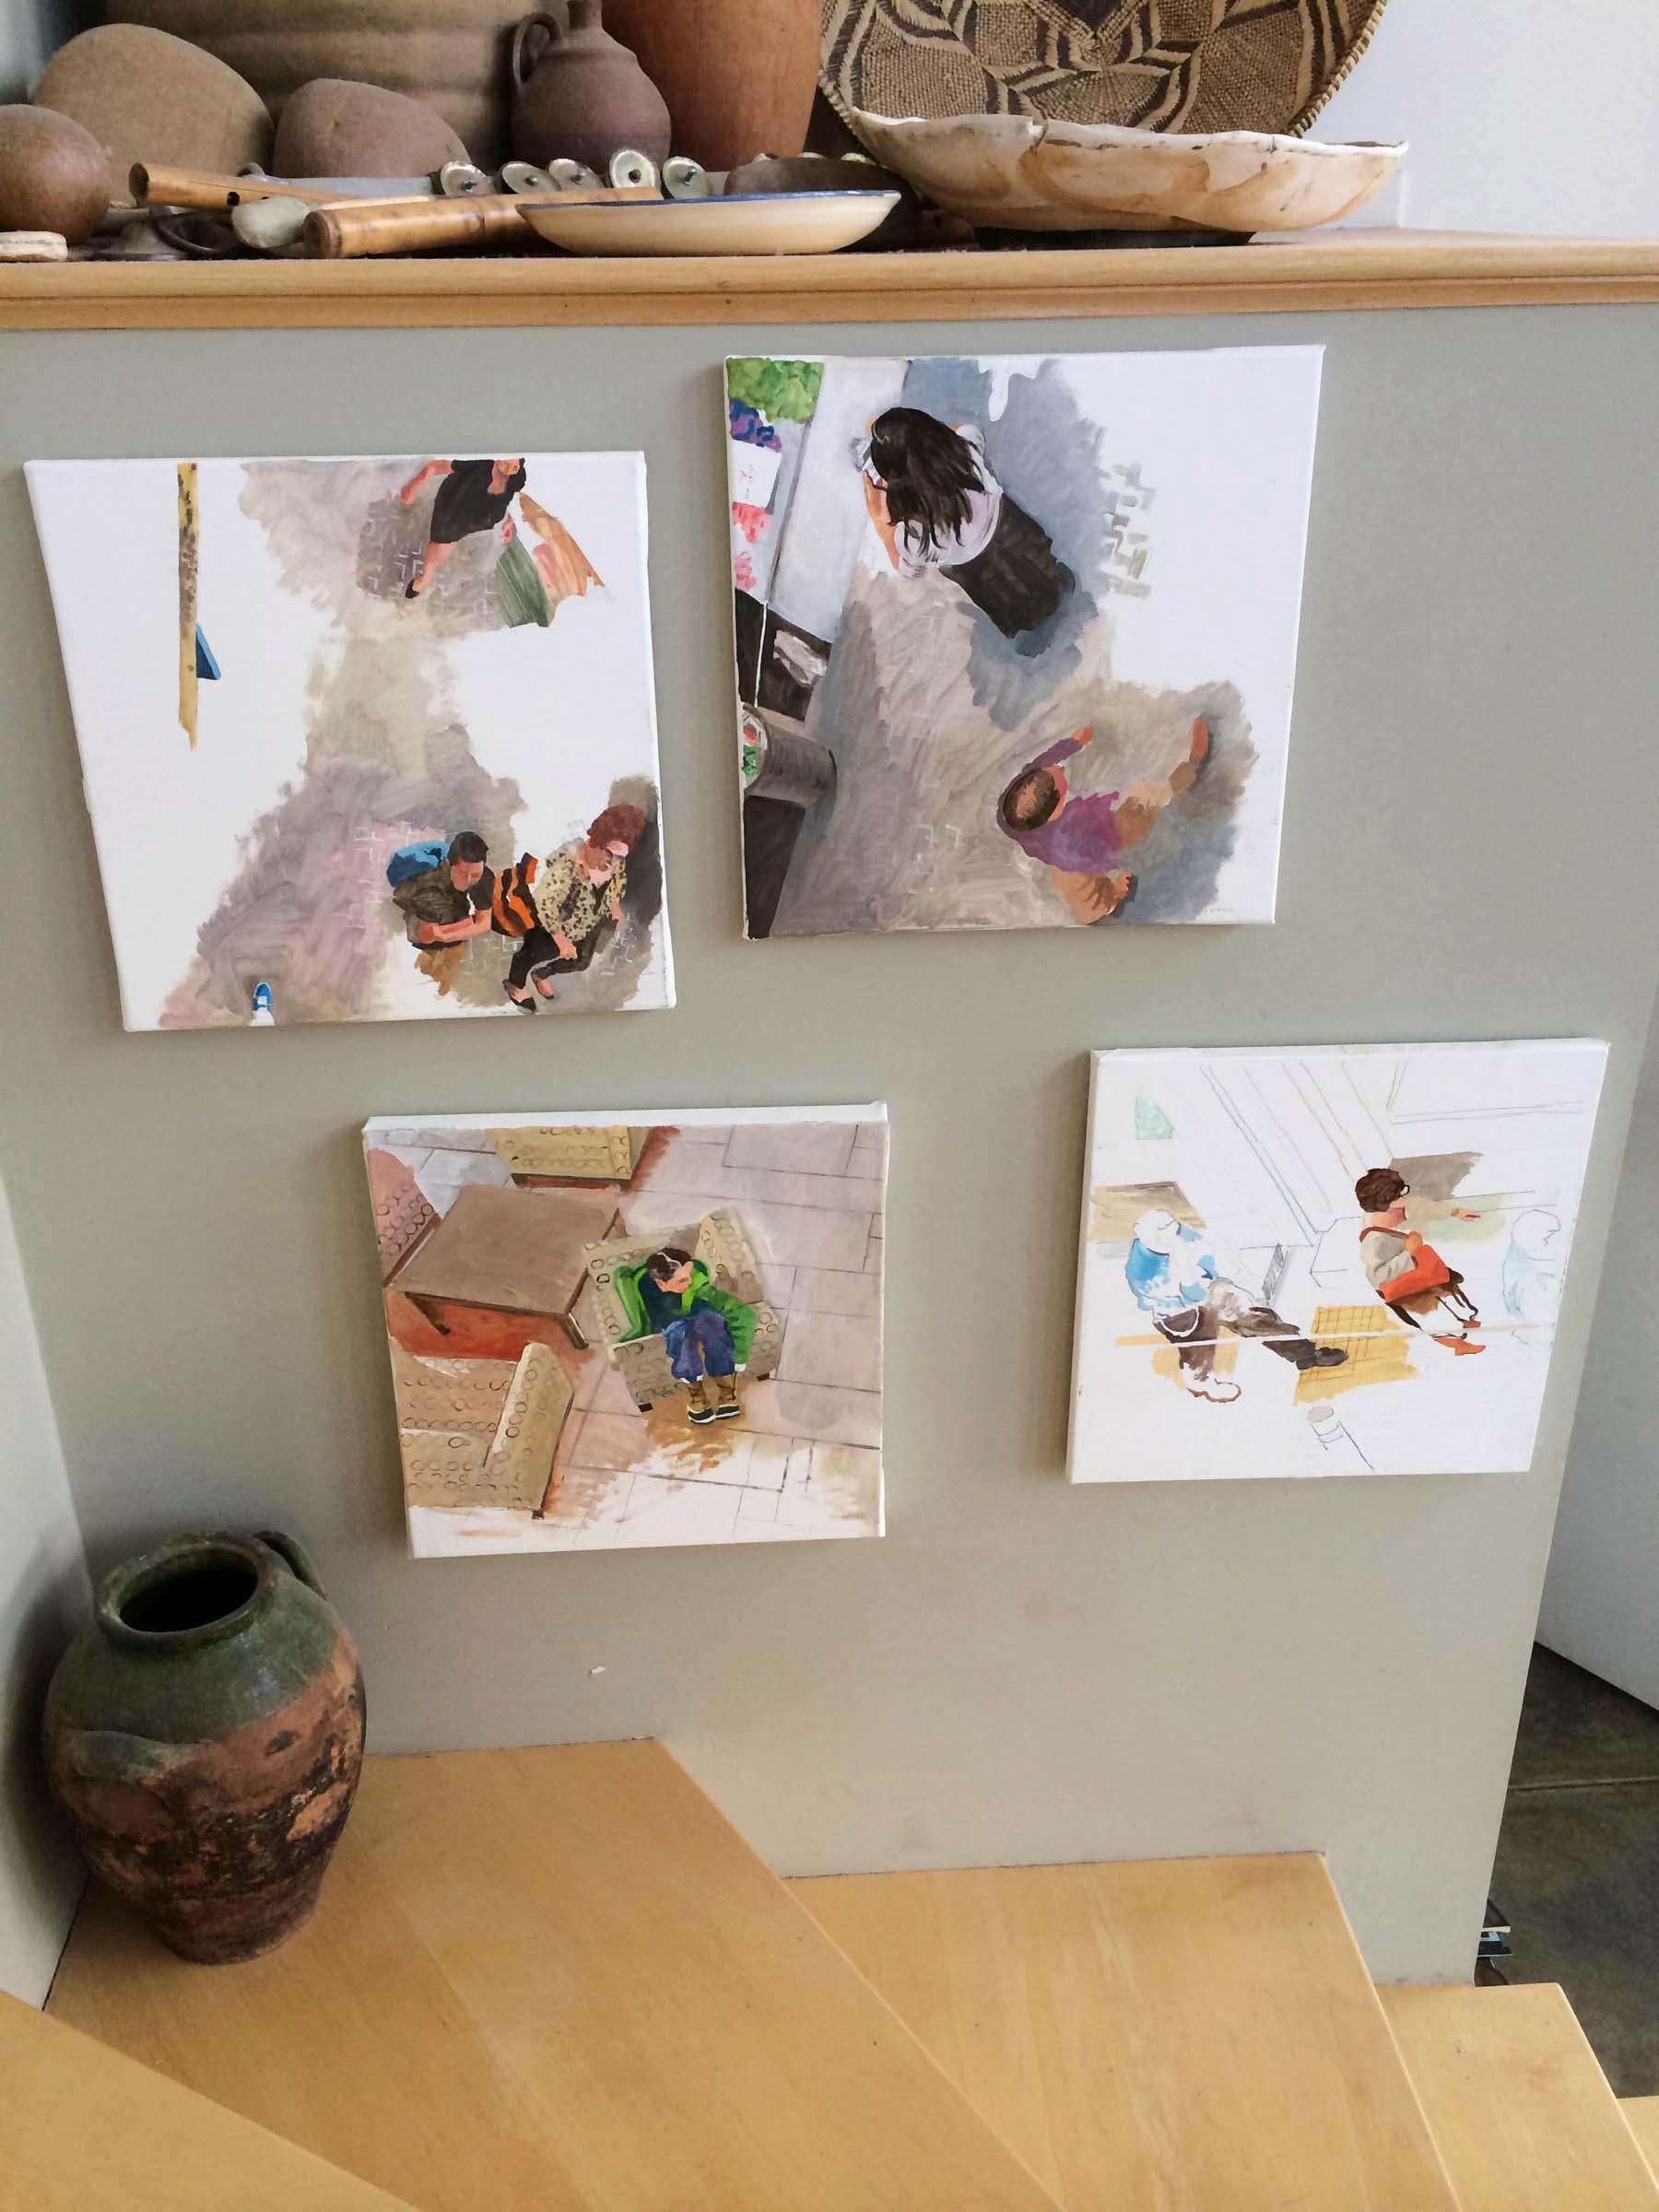 site-11-20-14 paintings on stairs 2.jpg